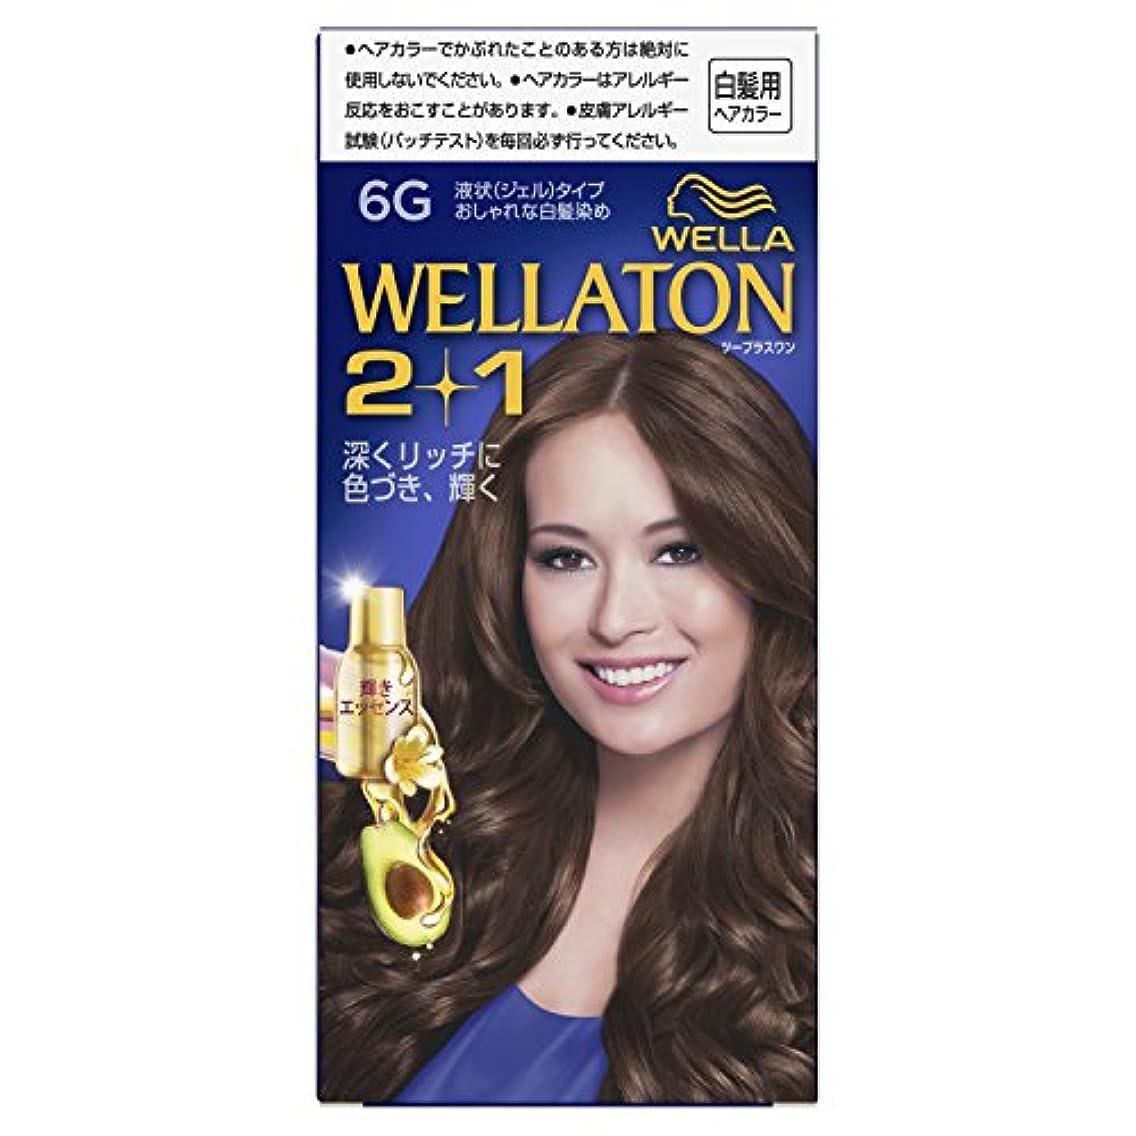 倉庫想像力豊かな交響曲ウエラトーン2+1 液状タイプ 6G [医薬部外品](おしゃれな白髪染め)